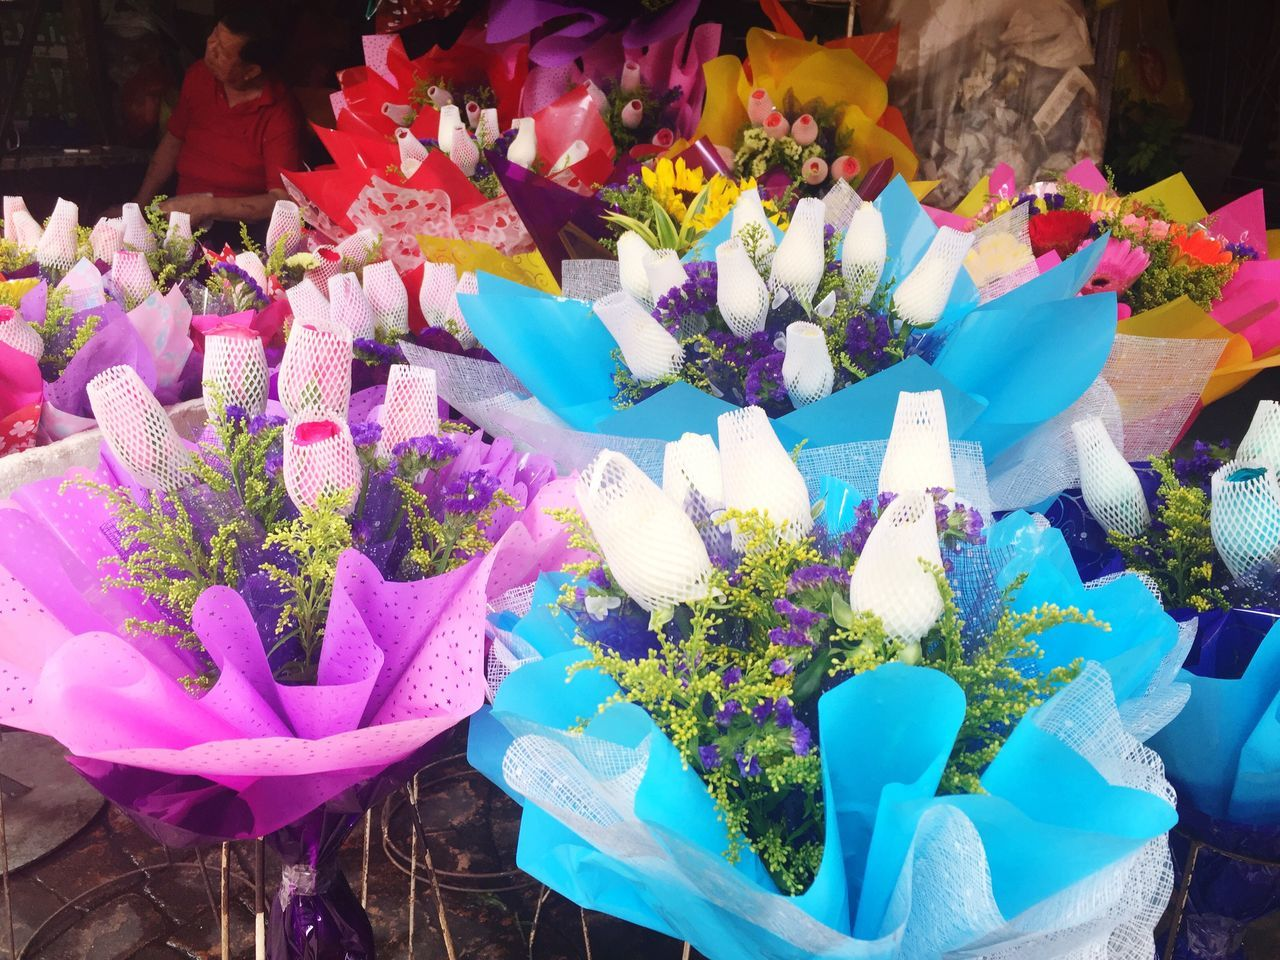 Flower Retail  Multi Colored Bouquet Market Flower Market Nature Flower Head Flower Shop Freshness Business Choice